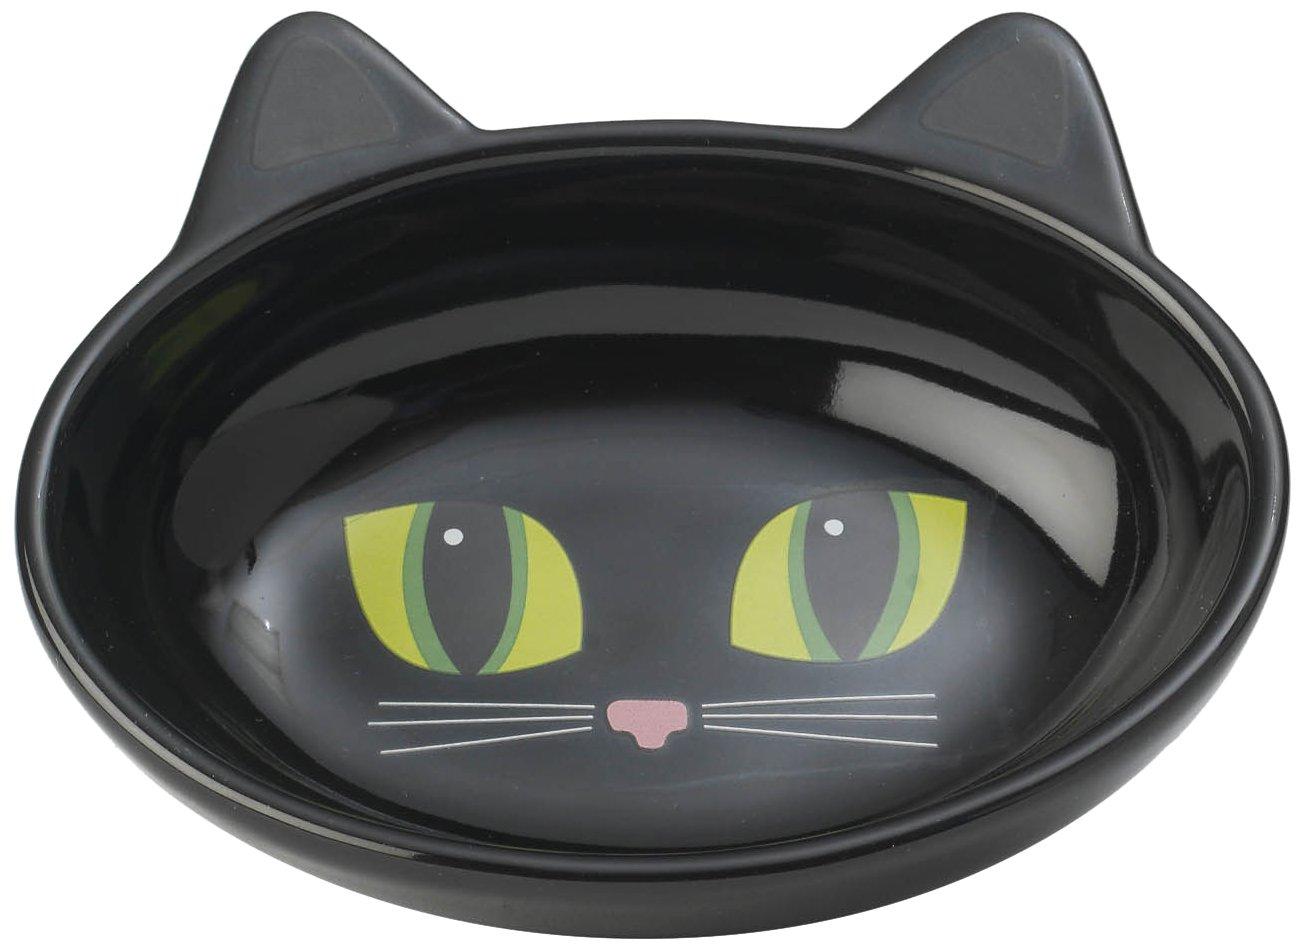 amazoncom petrageous oval frisky kitty pet bowl 55inch black cat bowls pet supplies - Cat Bowls